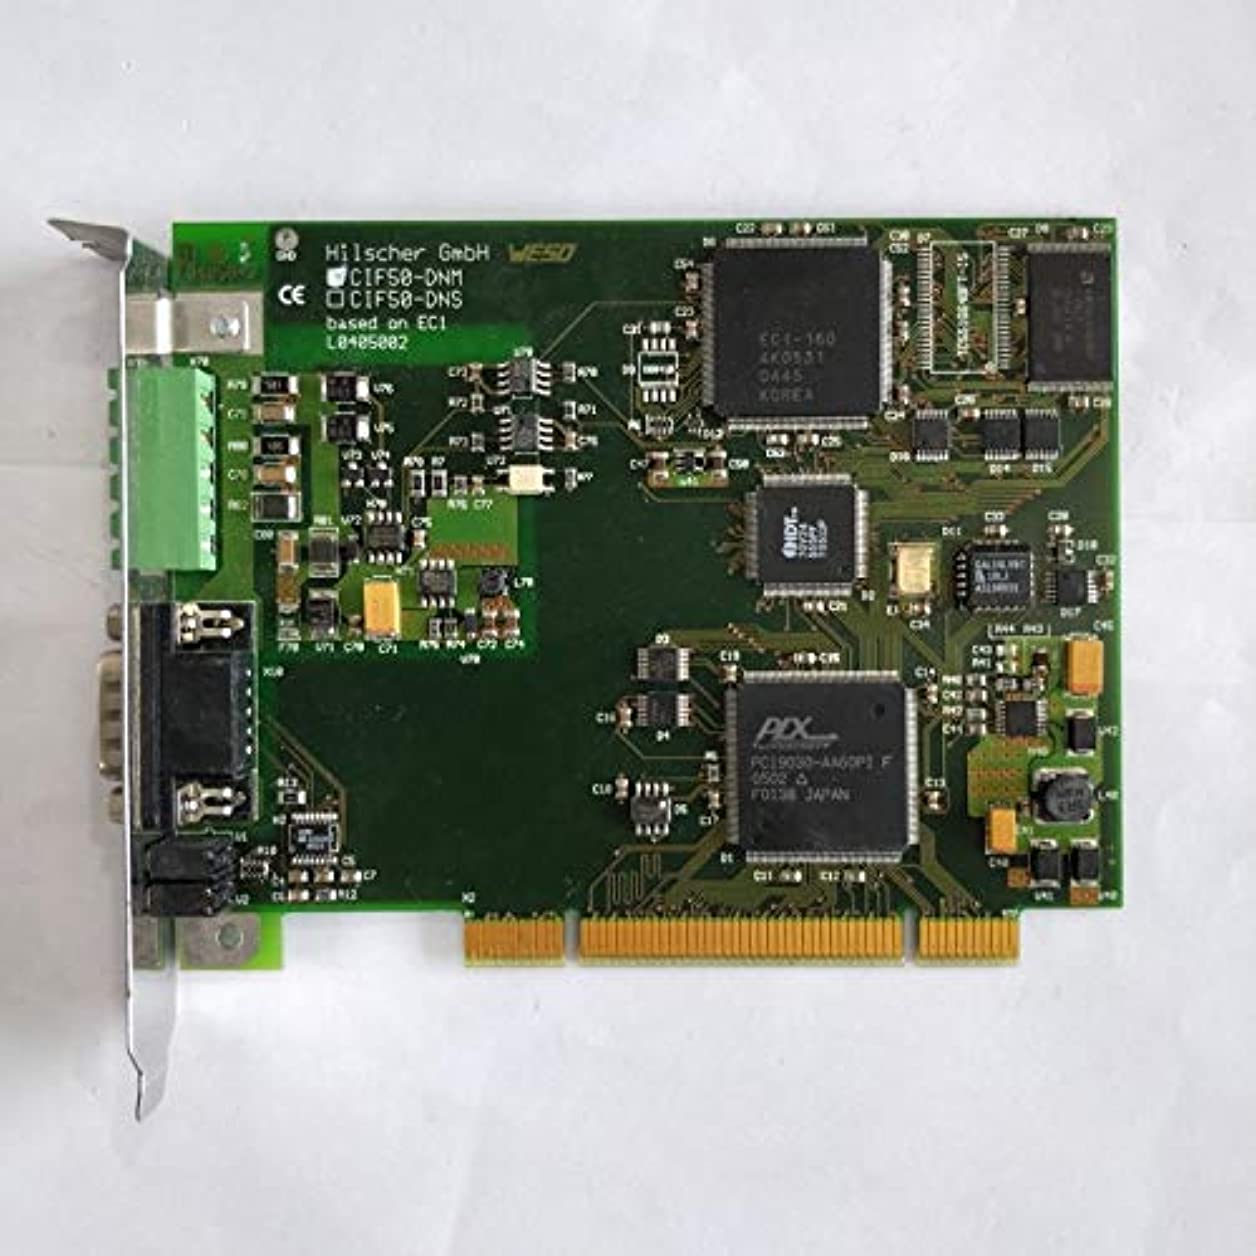 ギャザー修正する息切れCIF50-DNM